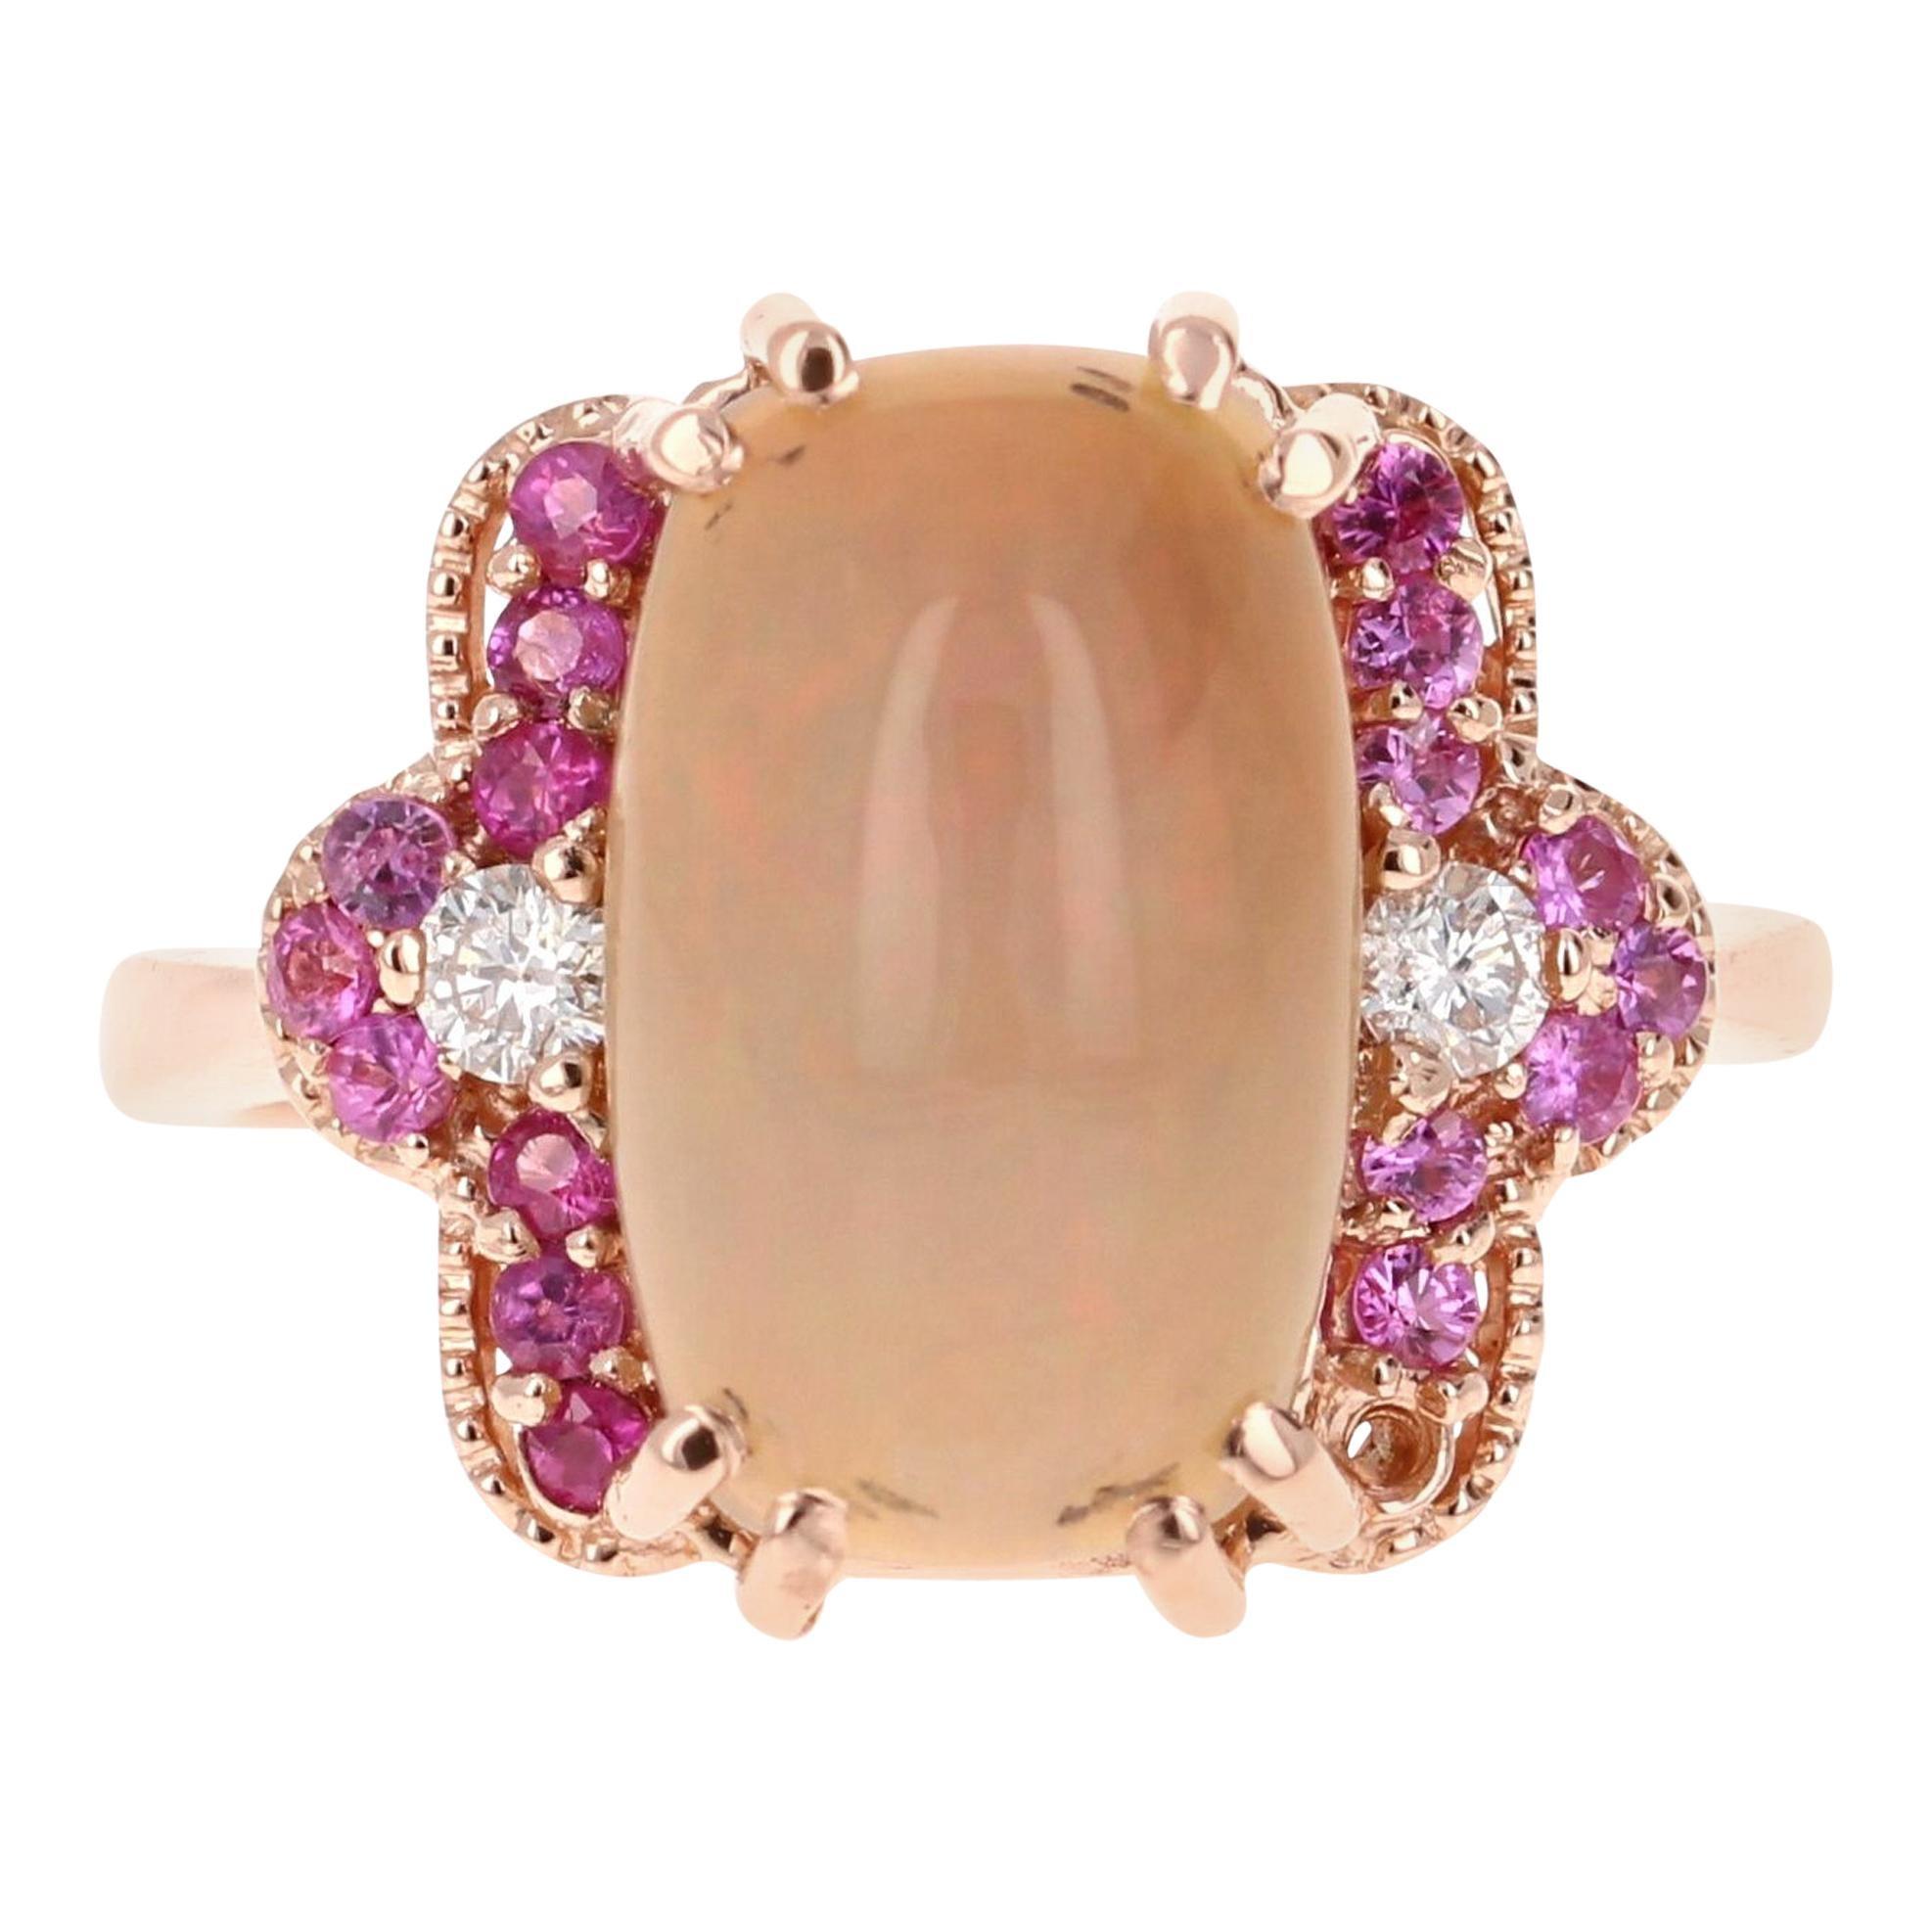 3.62 Carat Opal Diamond 18 Karat Rose Gold Ring